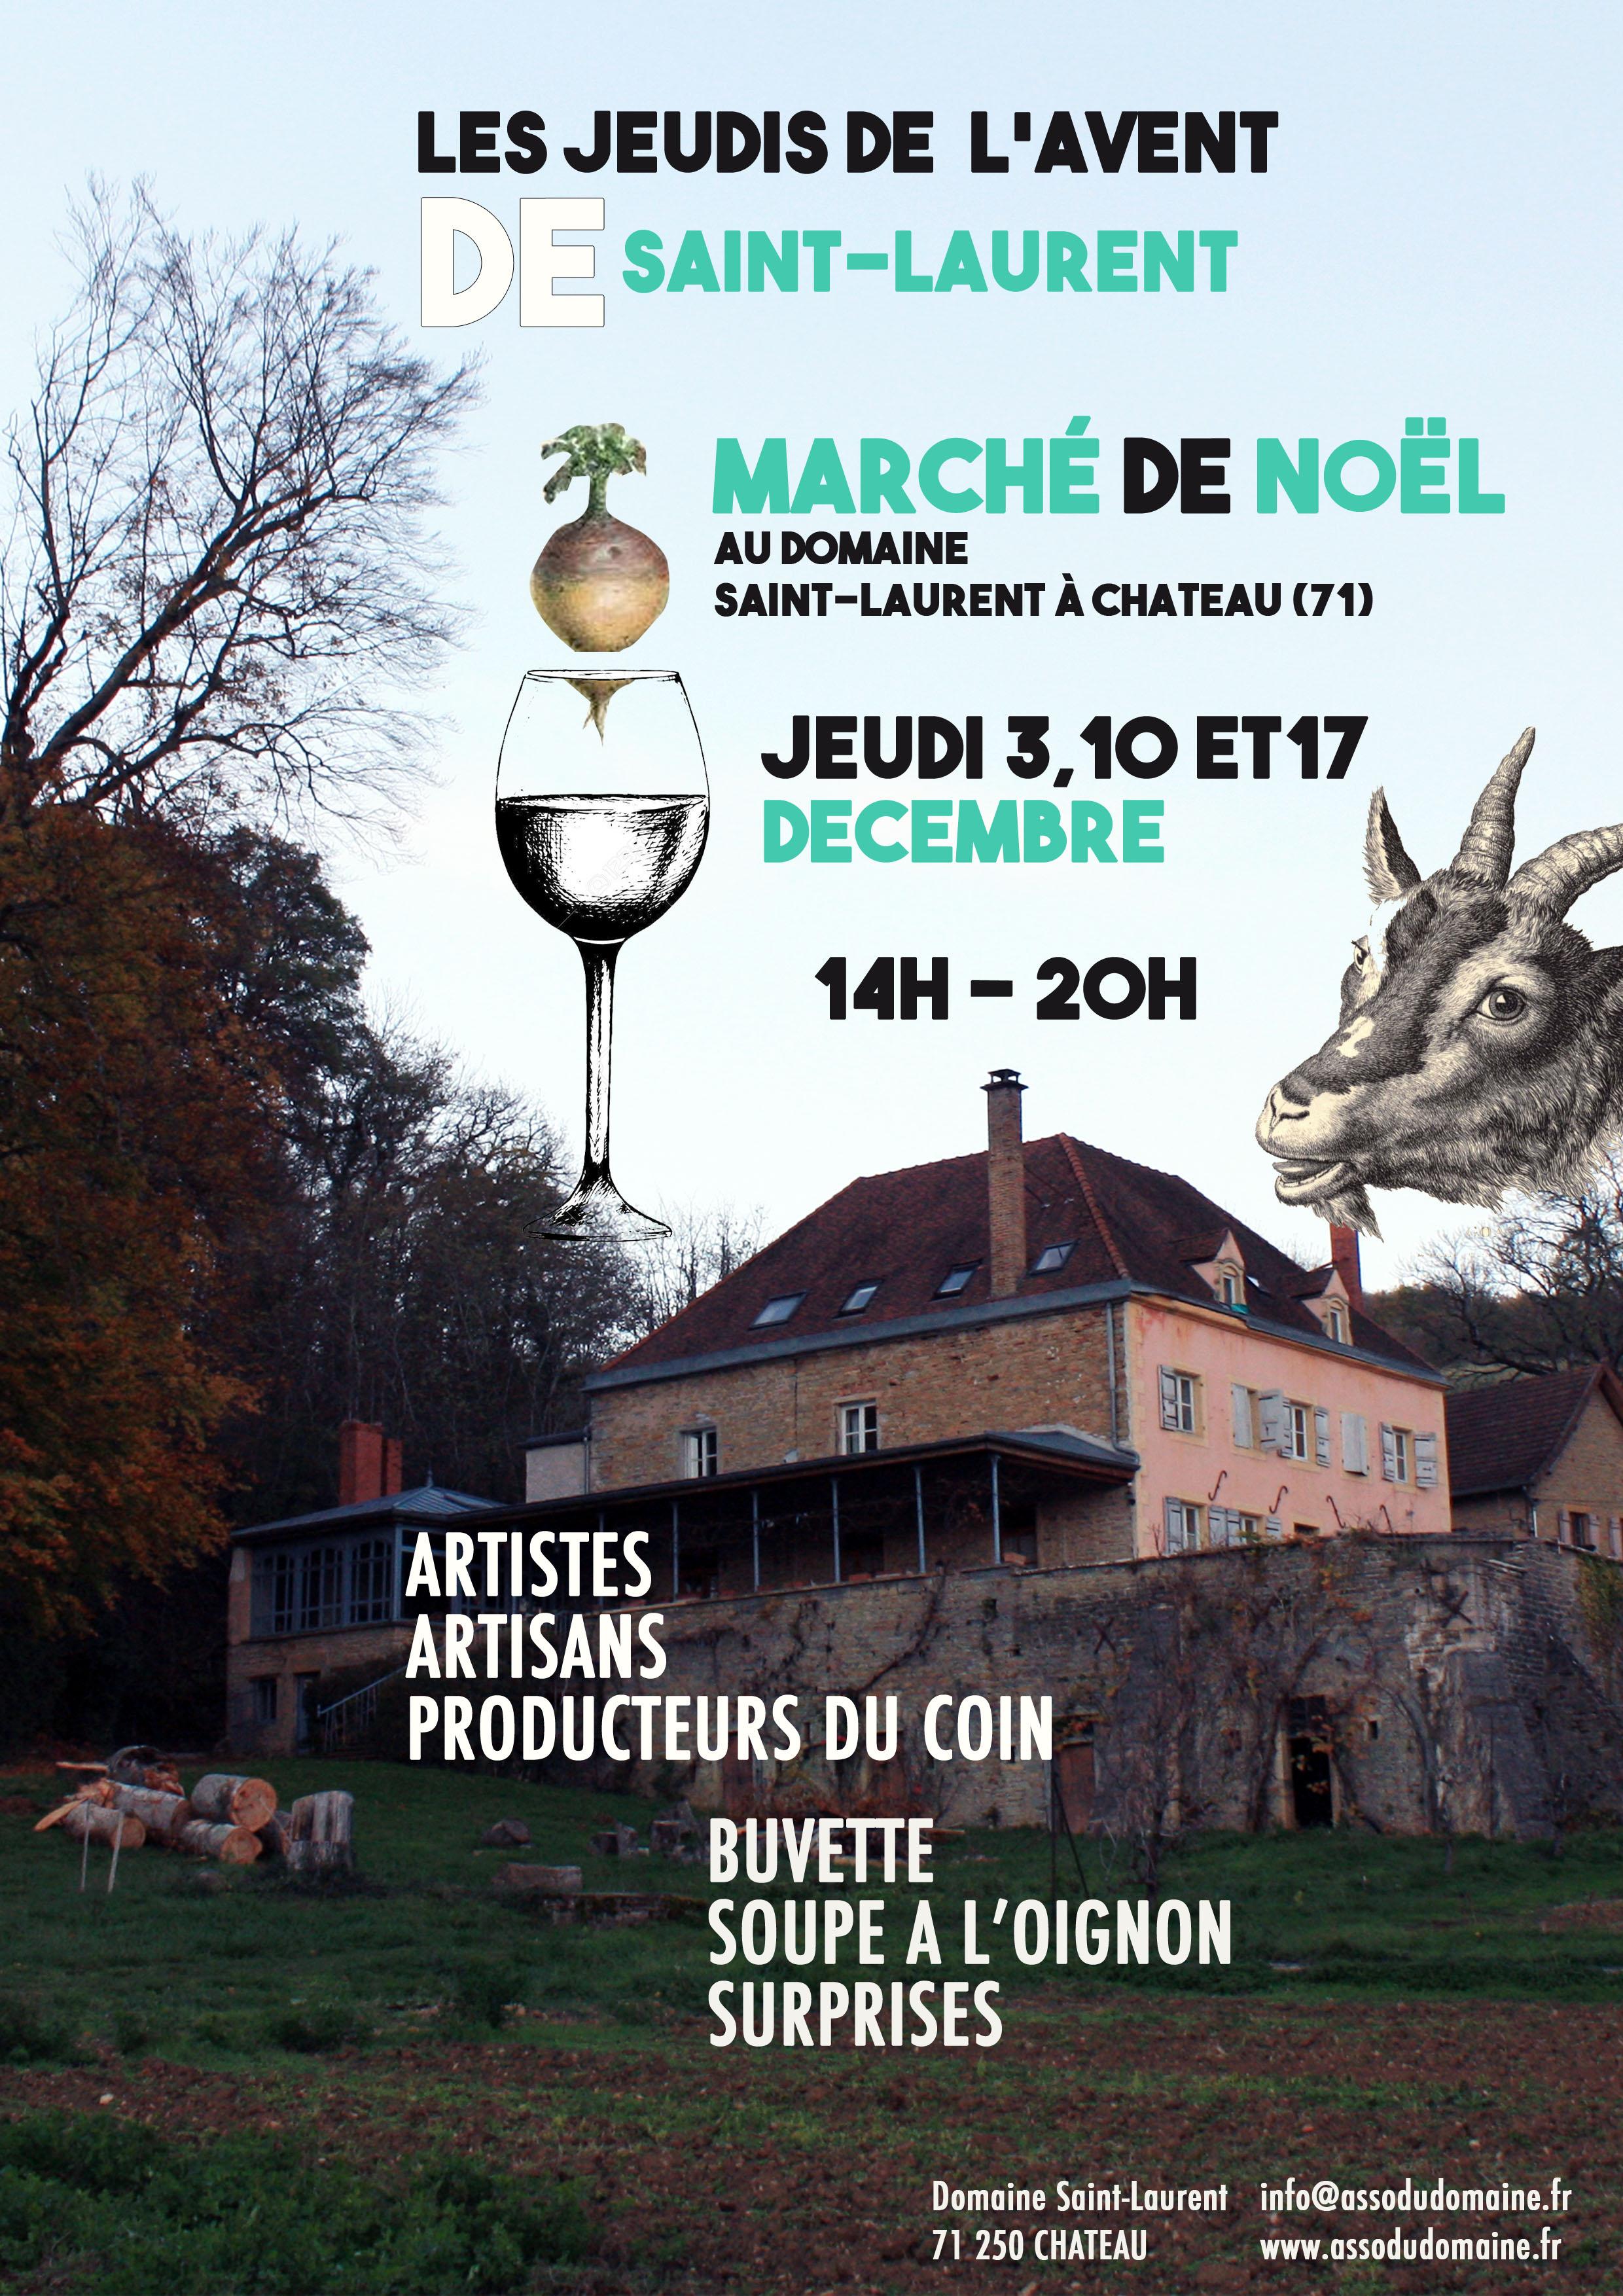 Les Jeudis de l'Avent au Domaine Saint Laurent